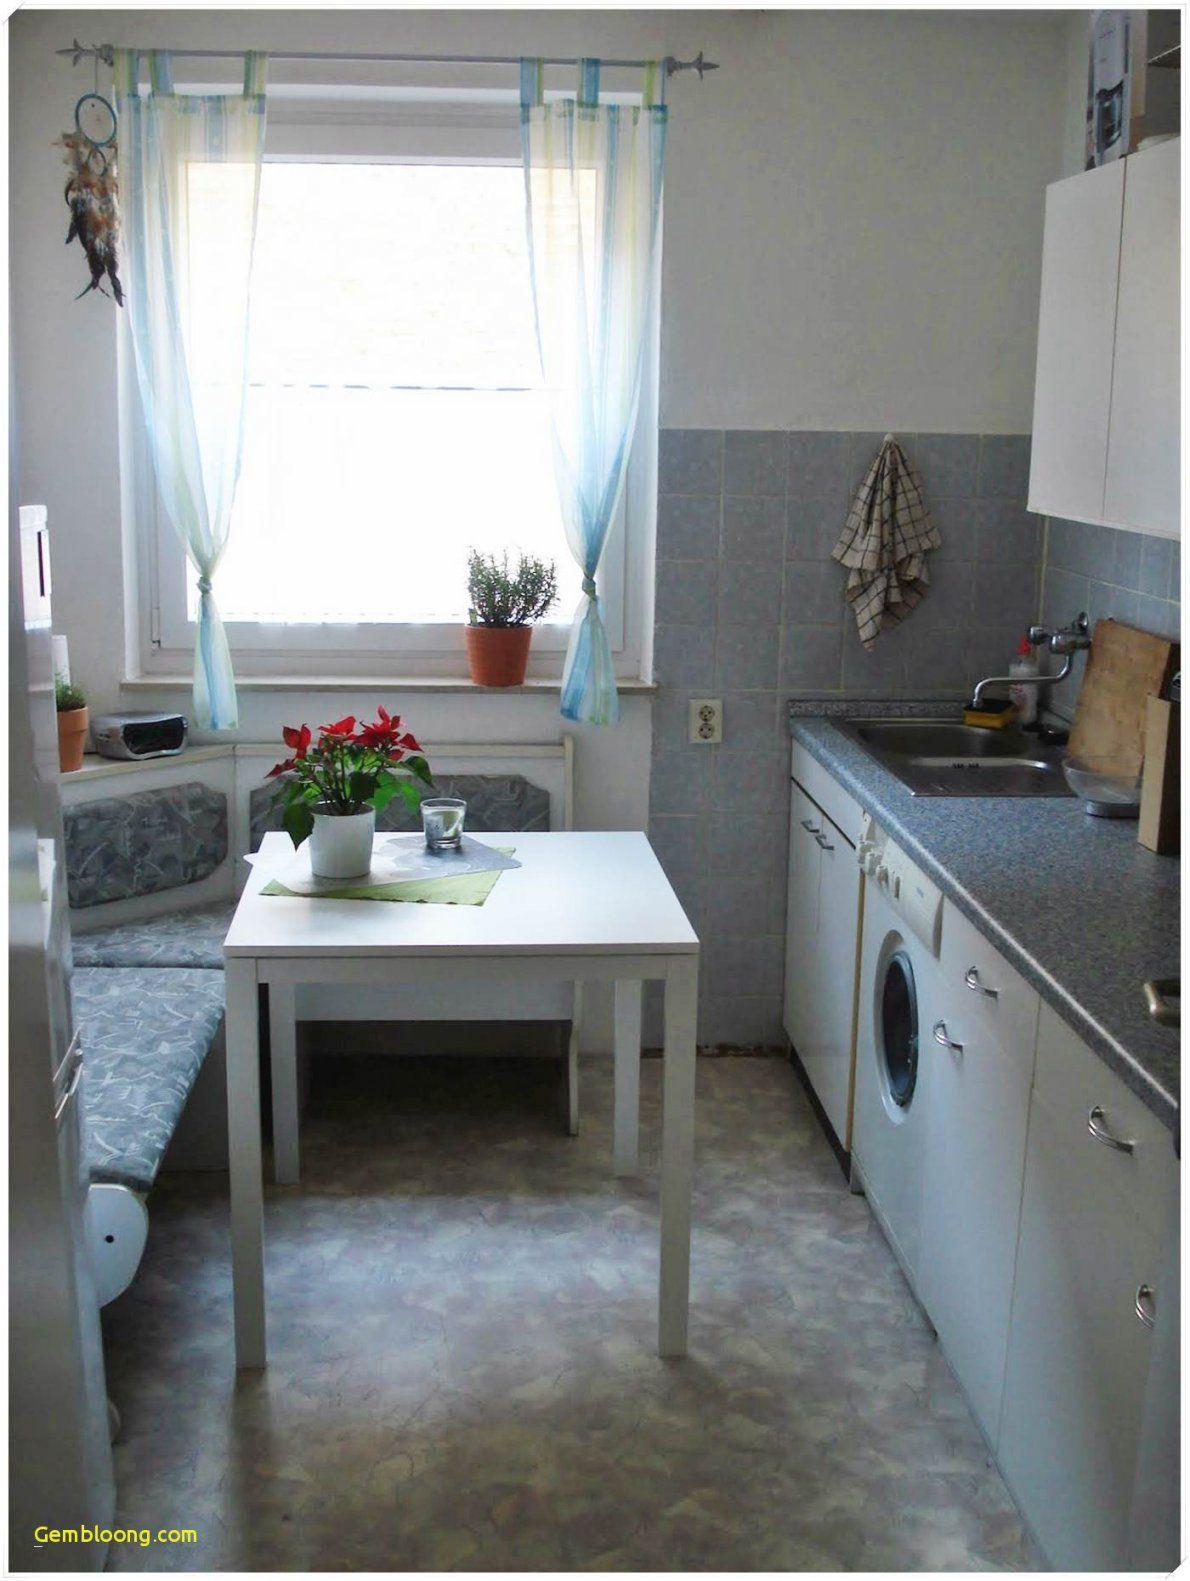 ... Kleine Küche Gestalten Ideen Inspirierend 44 Tolle Ideen Für Kleine Von  Kleine Küche Gestalten Ideen Bild ...